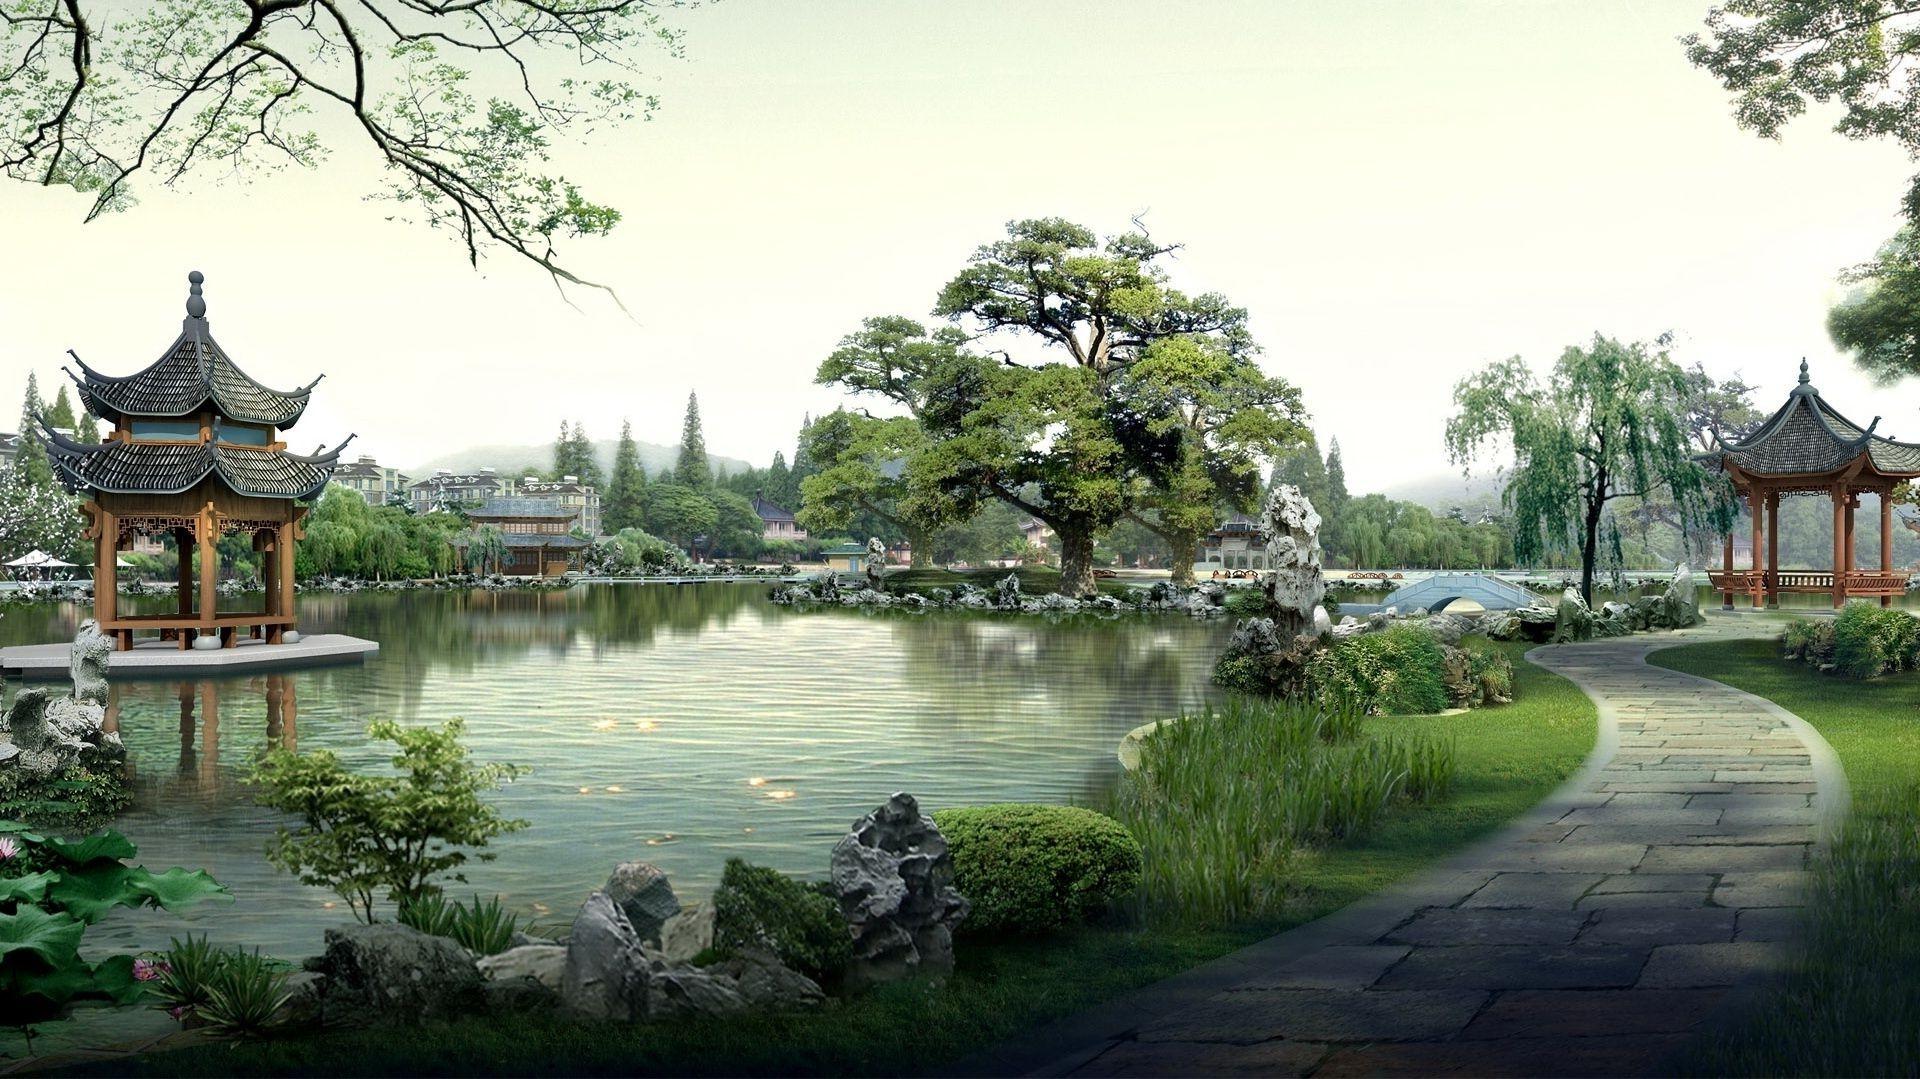 китайский пейзаж обои на рабочий стол № 501920 бесплатно